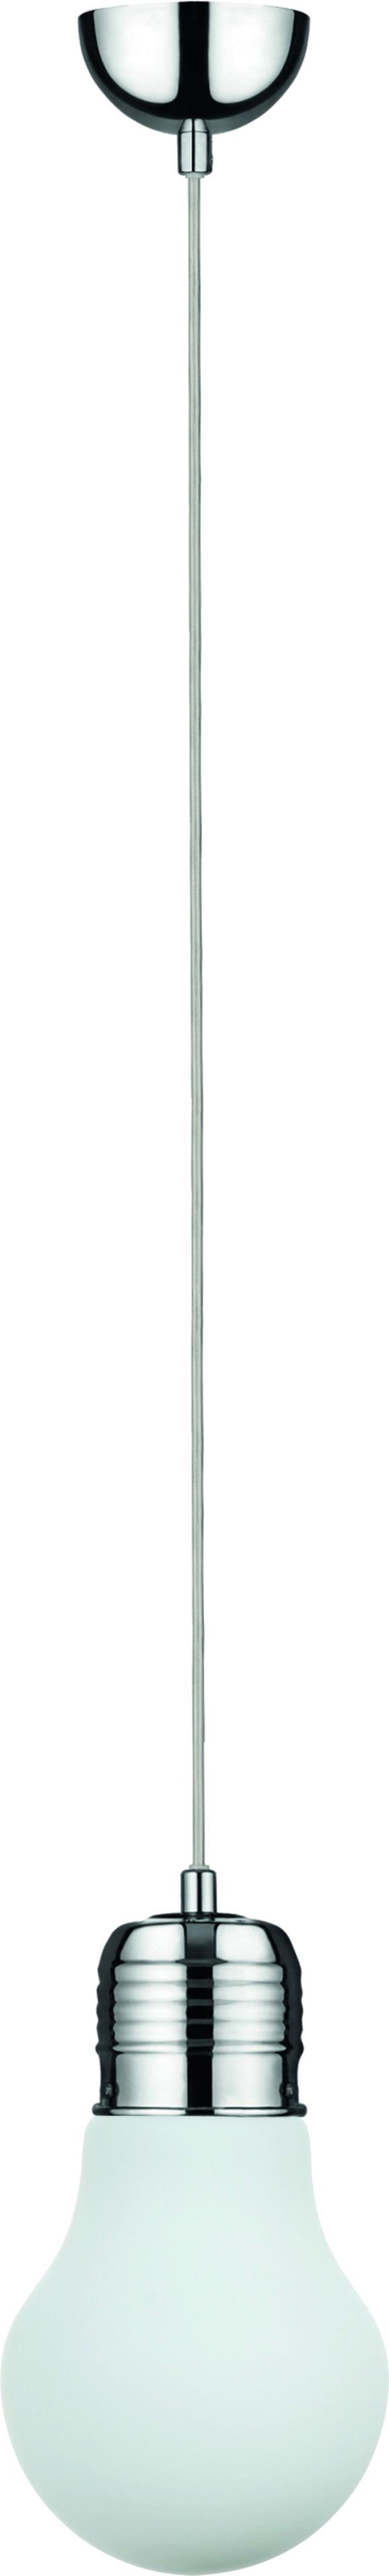 Lampa wisząca Bulb chrom/ biały E27 60W